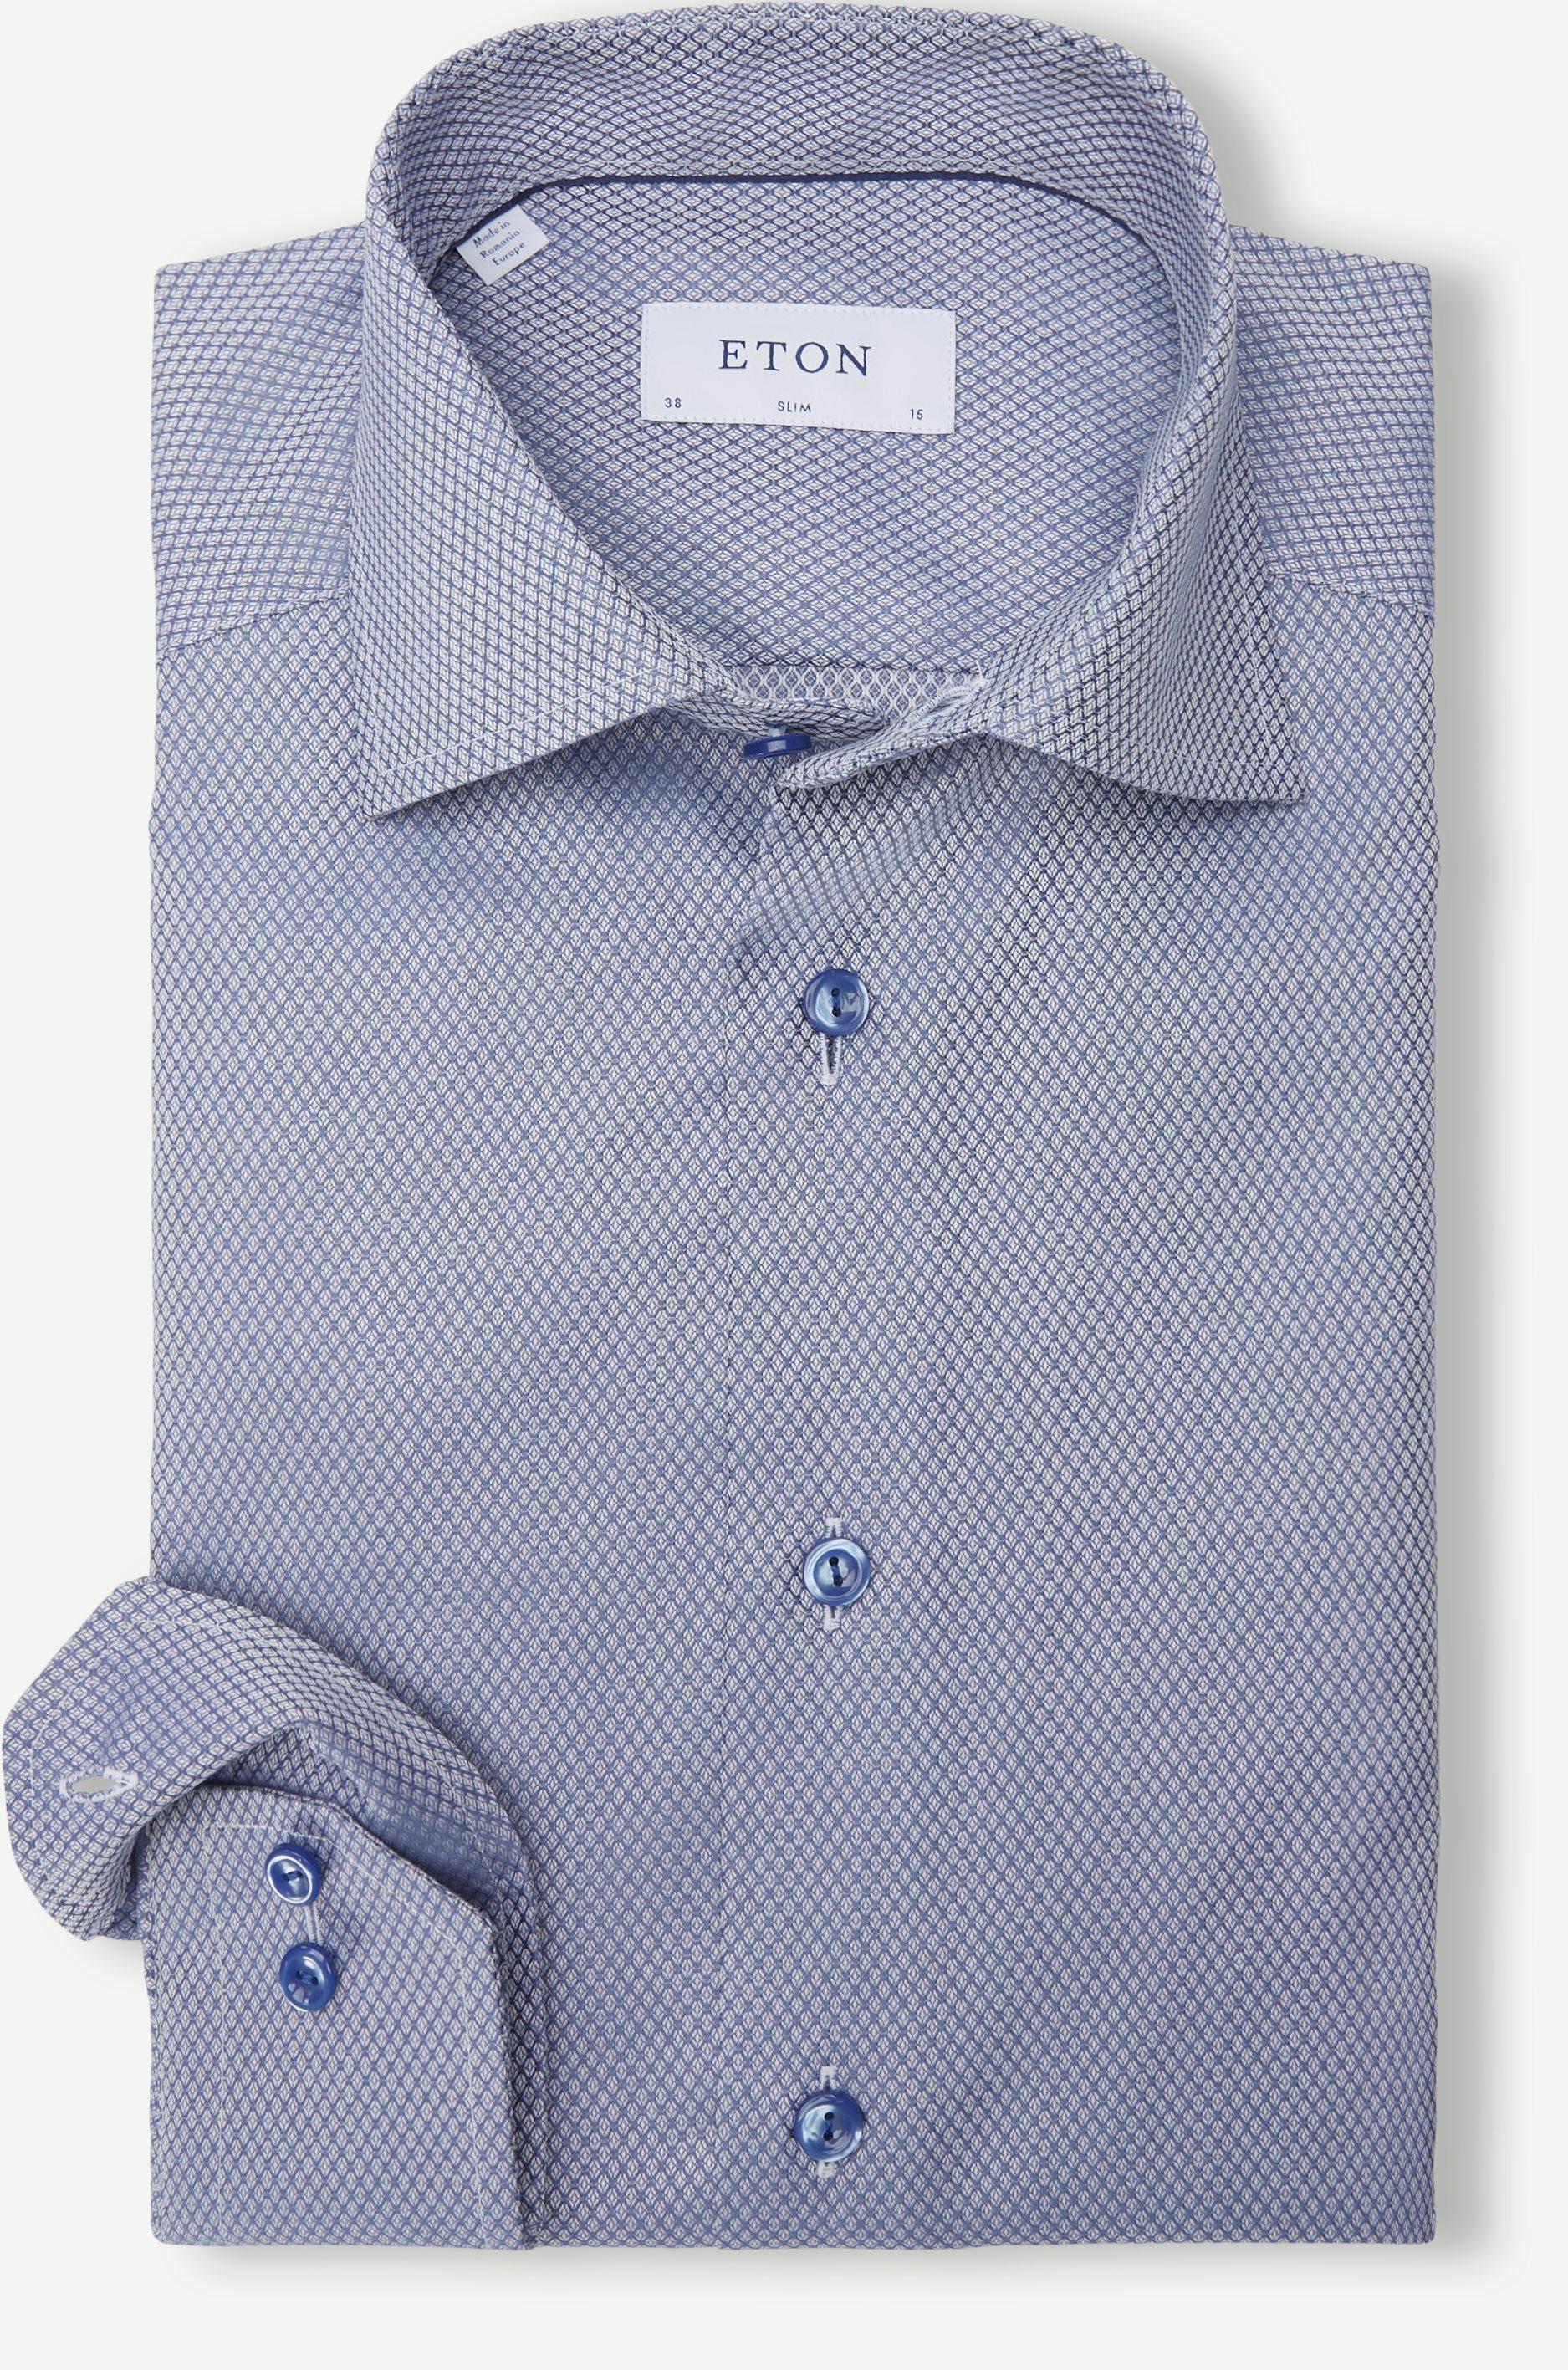 6020 79 Shirt - Skjorter - Slim fit - Blå